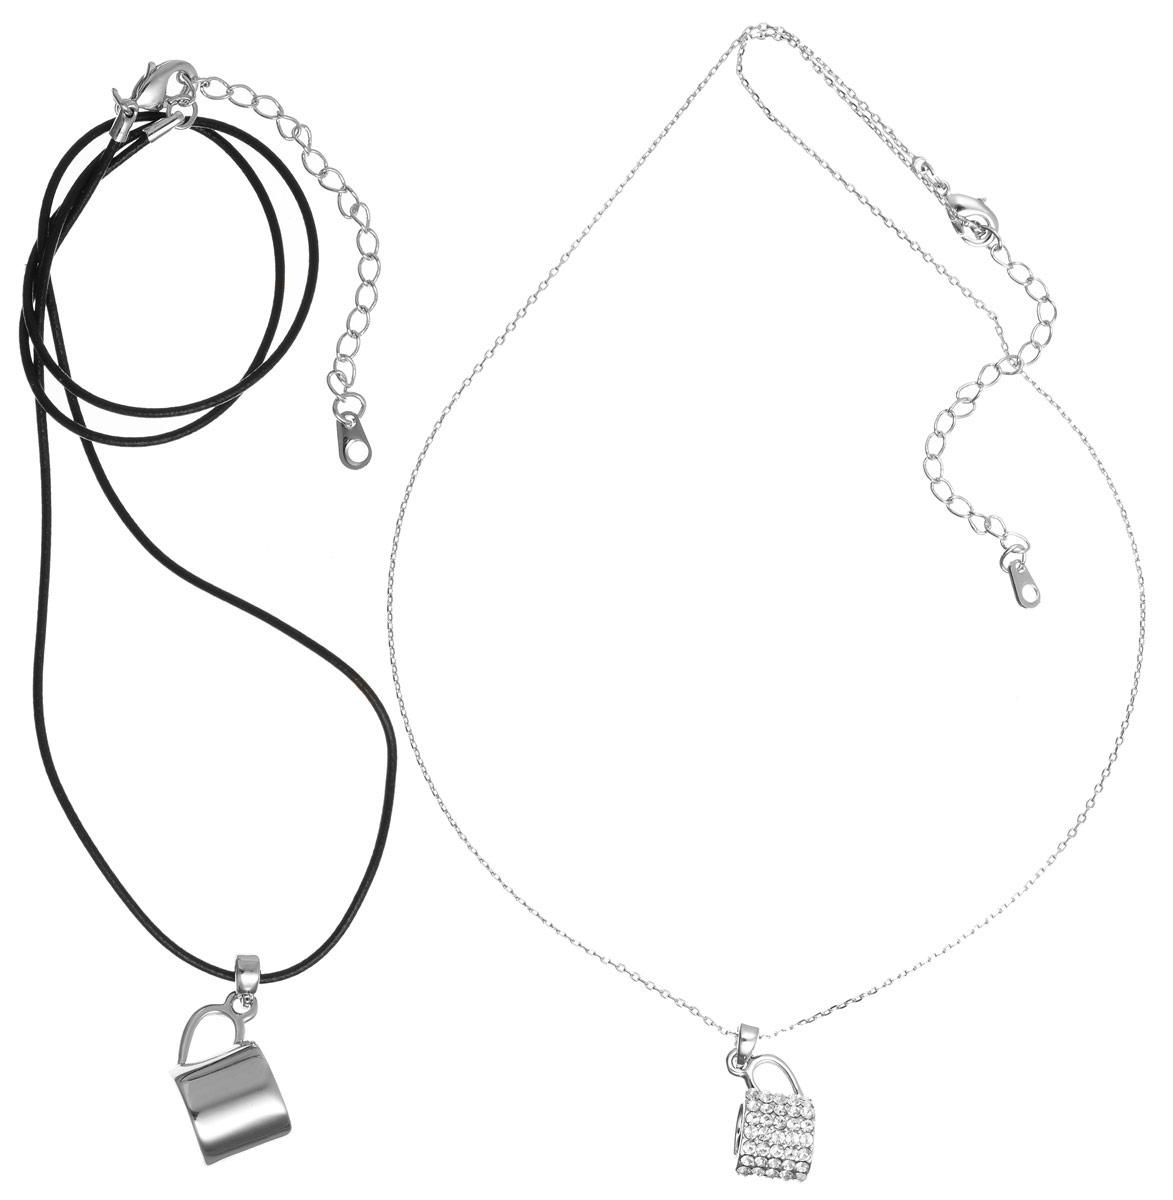 Кулон Art-Silver, цвет: серебряный, черный, 2 шт. 134341-1-962134341-1-962Очаровательный комплект Art-Silver включает в себя два кулона, благодаря стильному дизайну изделия идеально сочетаются. Украшения изготовлены из бижутерийного сплава. Первый кулон выполнен в виде кружки, инкрустирован стразами и дополнен изящной цепочкой. Украшение застегивается на замок-карабин, длина изделия регулируется за счет дополнительных звеньев. Второй кулон также имеет форму кружки, дополнен шнуром из искусственной кожи. Украшение застегивается на замок-карабин, длина изделия регулируется за счет дополнительных звеньев. Кулон Art-Silver поможет дополнить любой образ и привнести в него завершающий штрих.